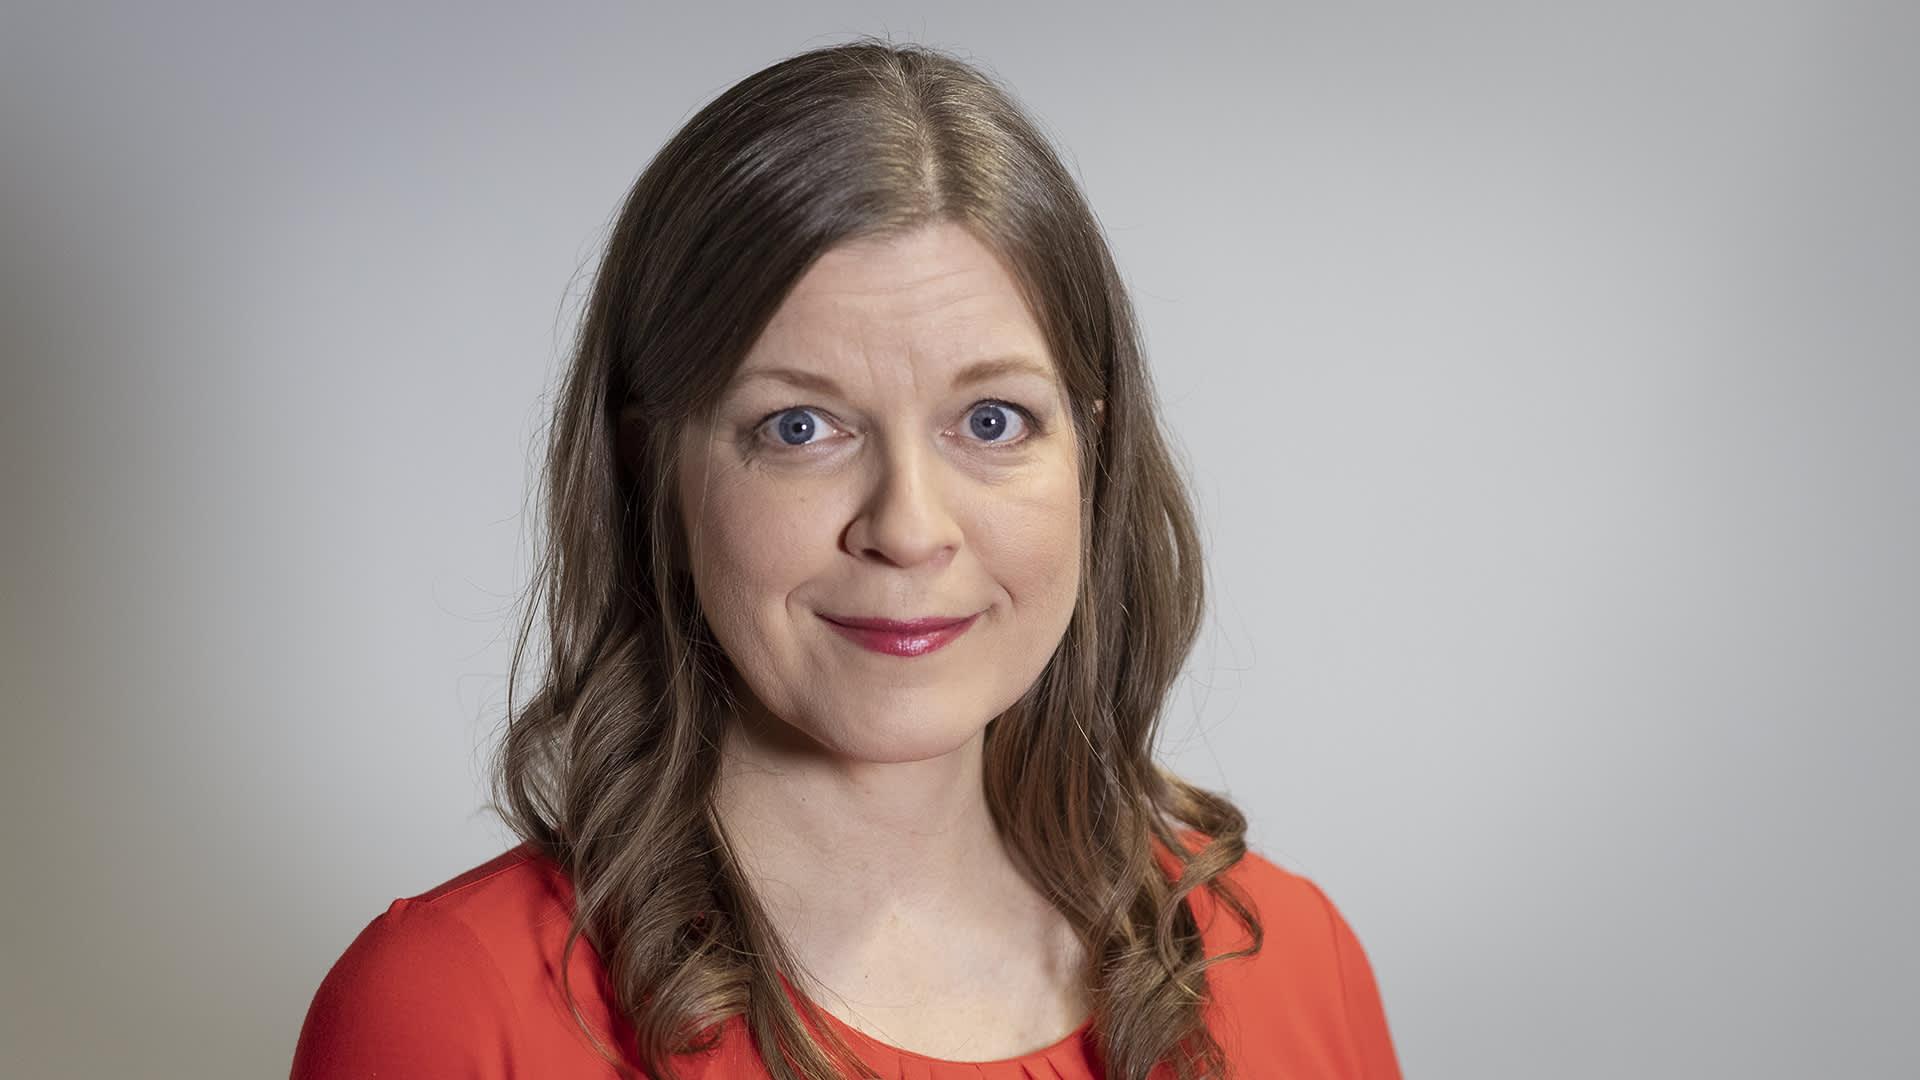 Johanna Pohjola